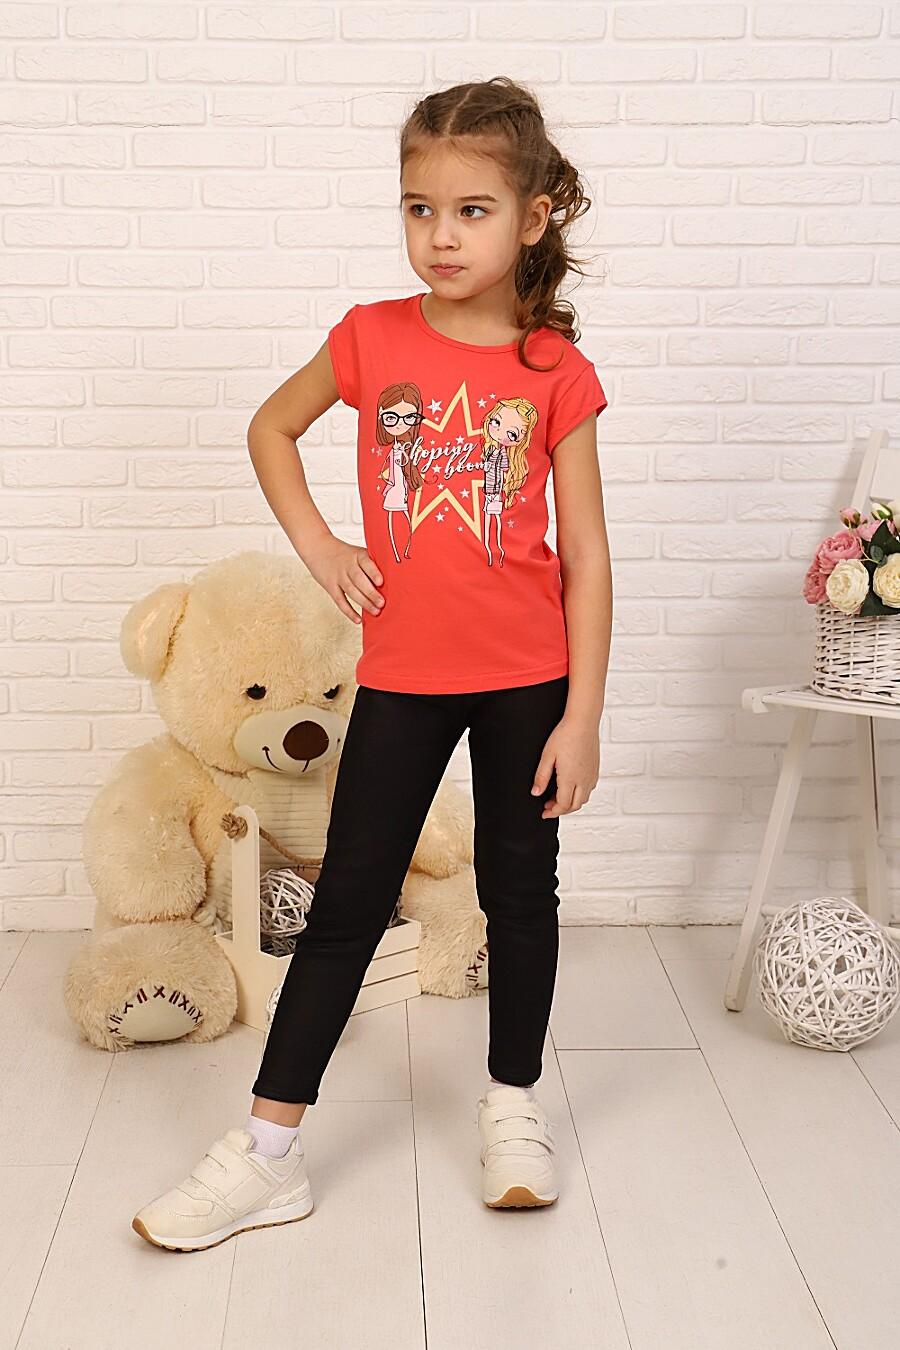 Футболка Шоппинг детская для девочек НАТАЛИ 334778 купить оптом от производителя. Совместная покупка детской одежды в OptMoyo